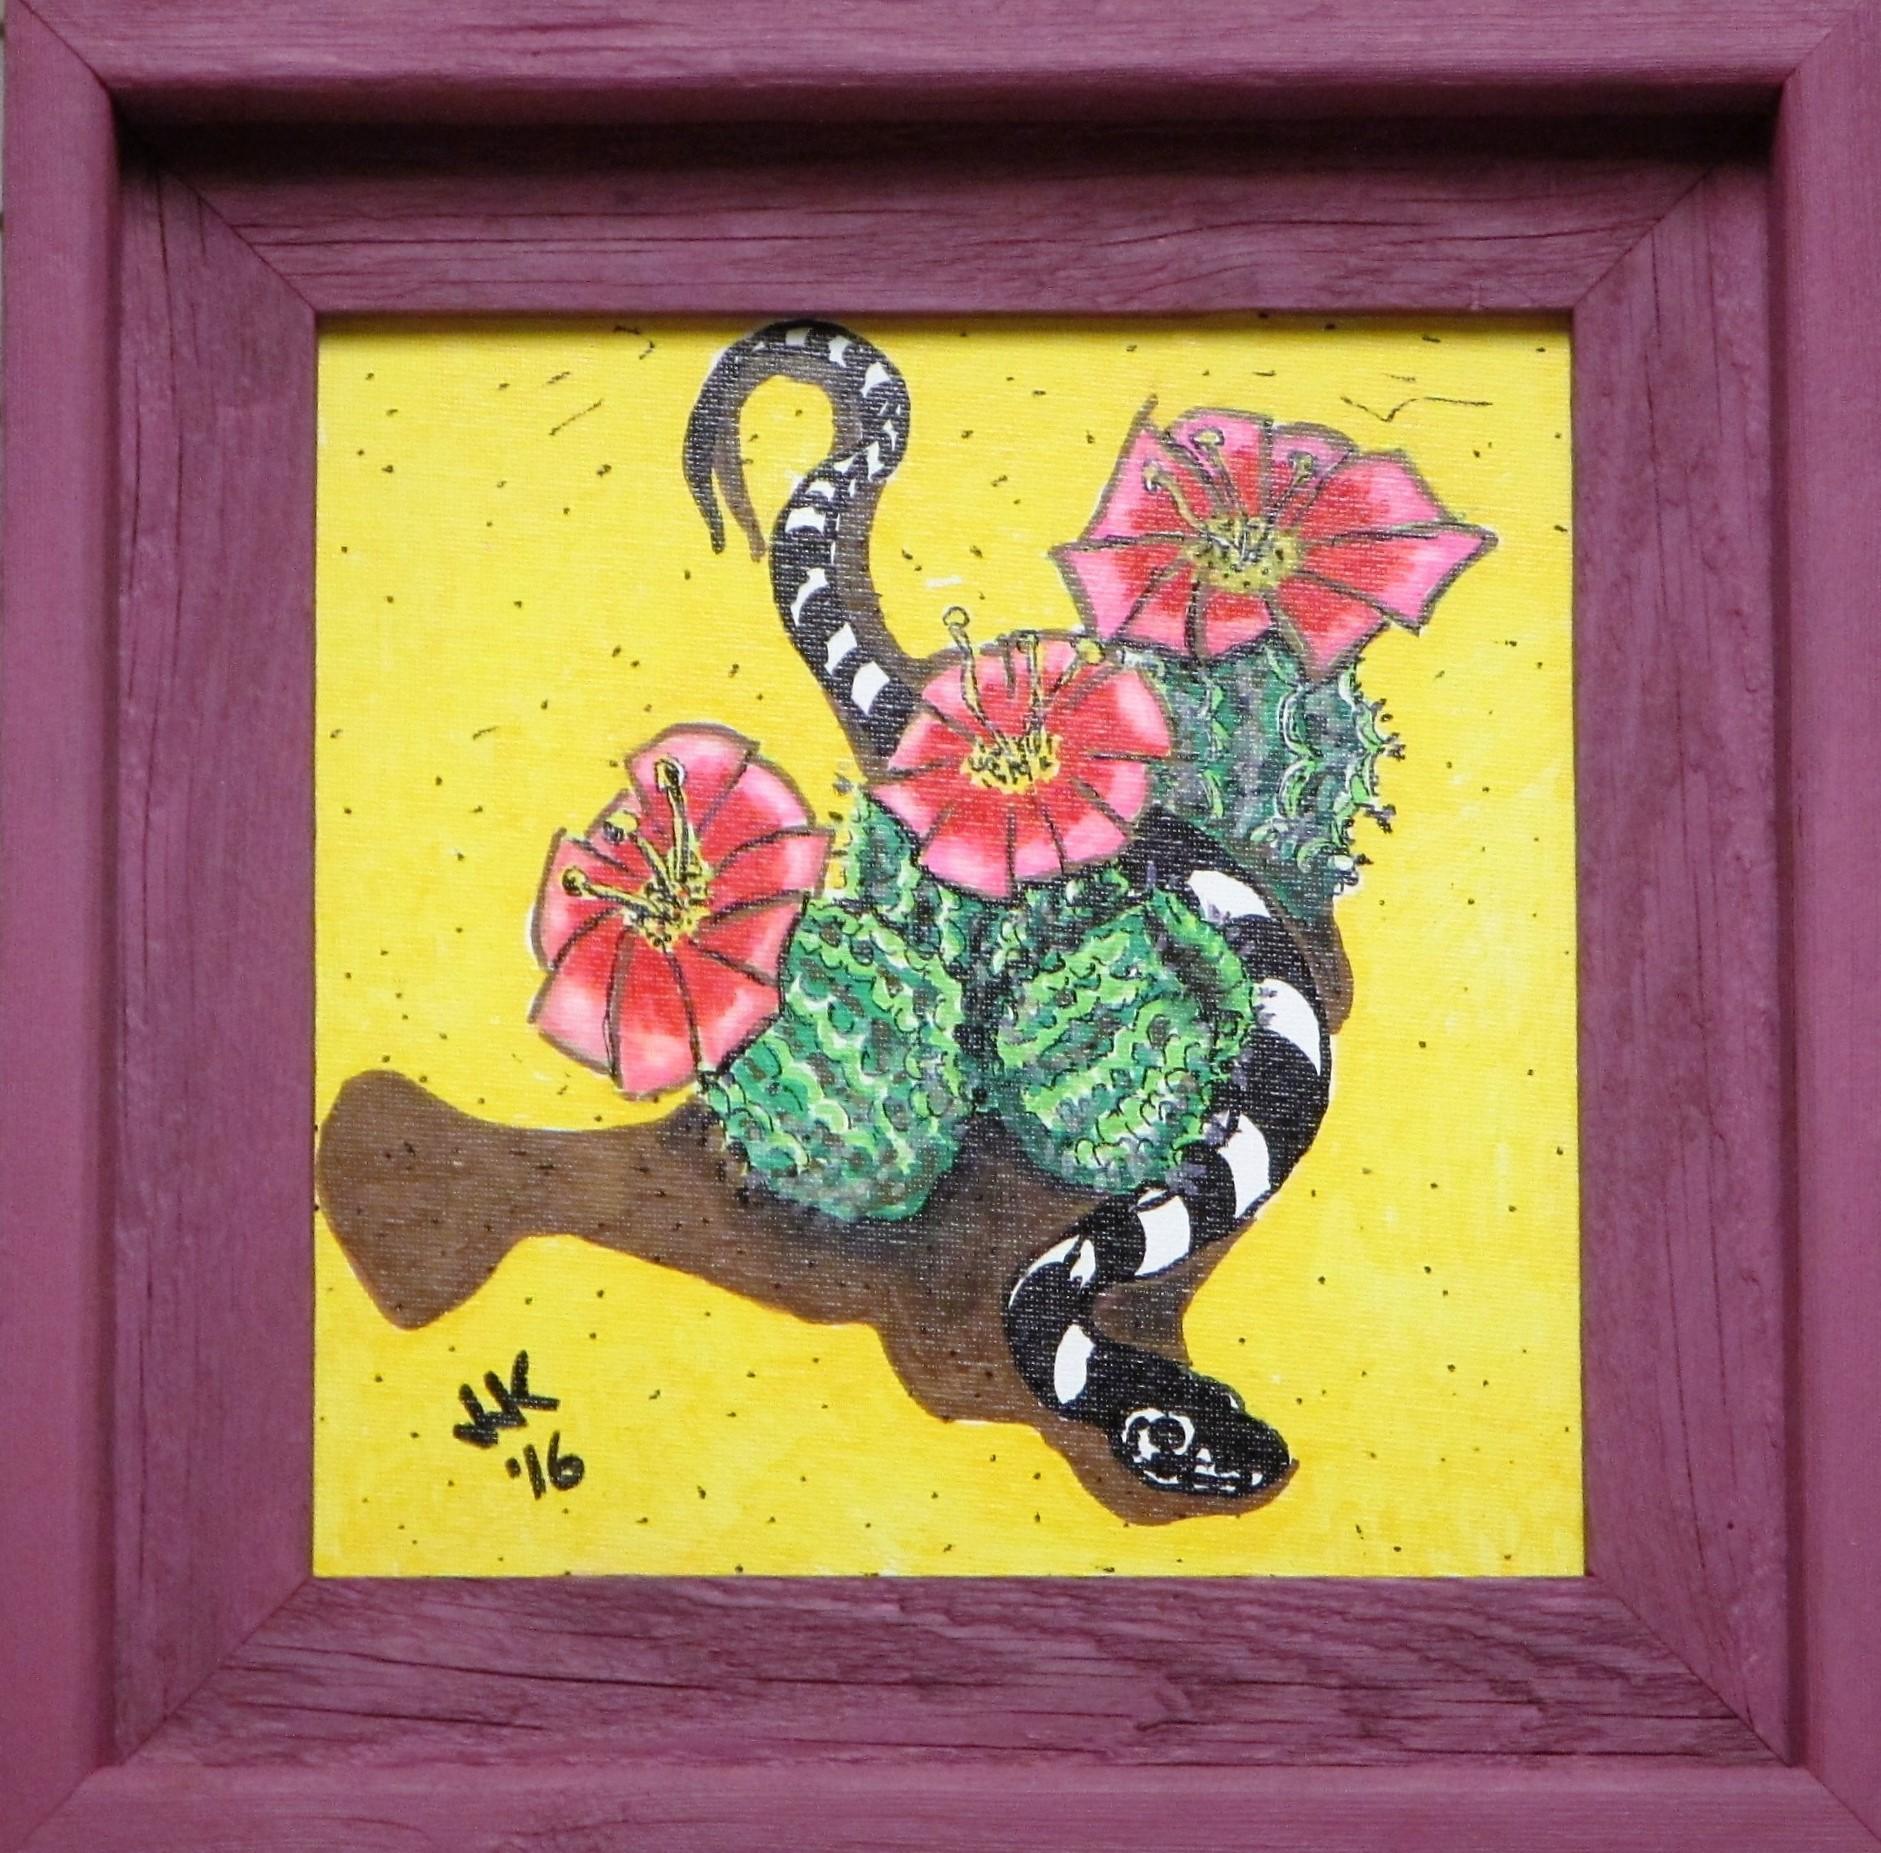 A desert king snake & some flowering cacti.